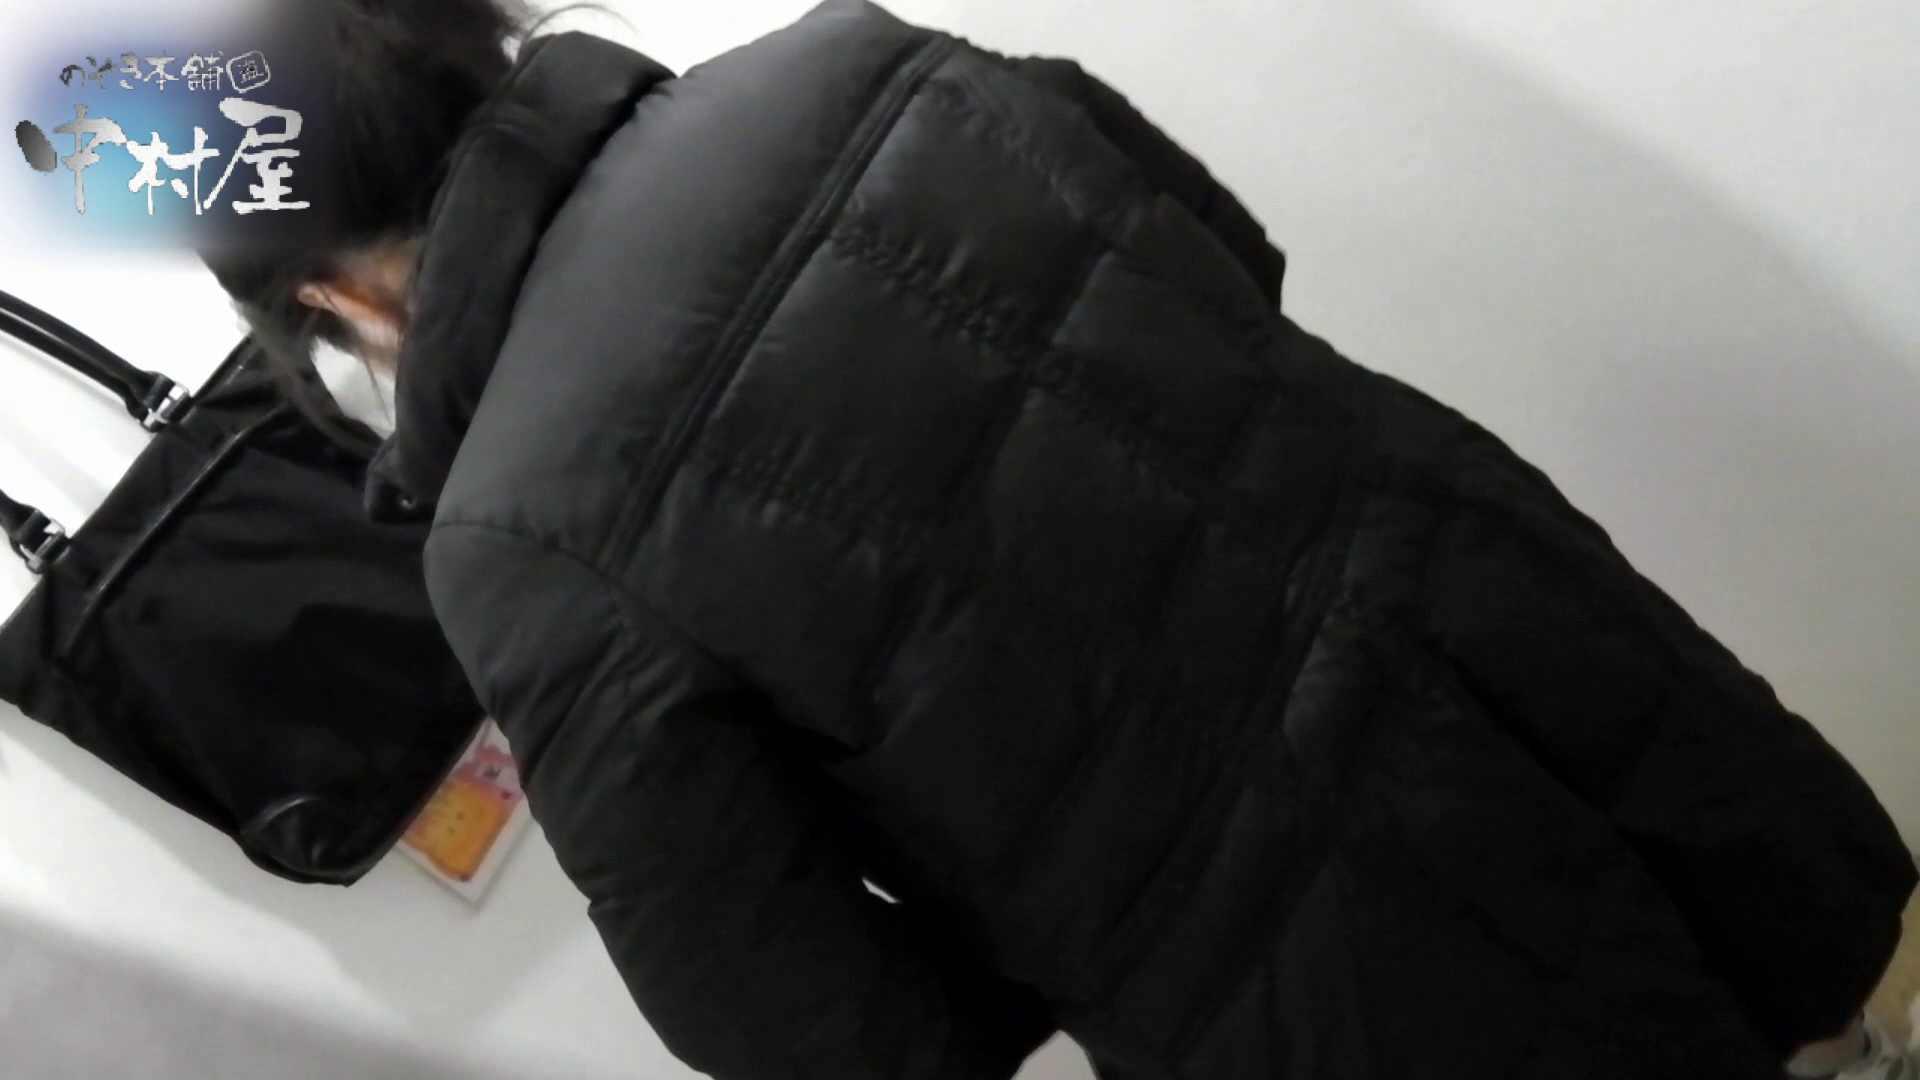 乙女集まる!ショッピングモール潜入撮vol.09 Hな乙女 | 潜入シリーズ  70pic 41